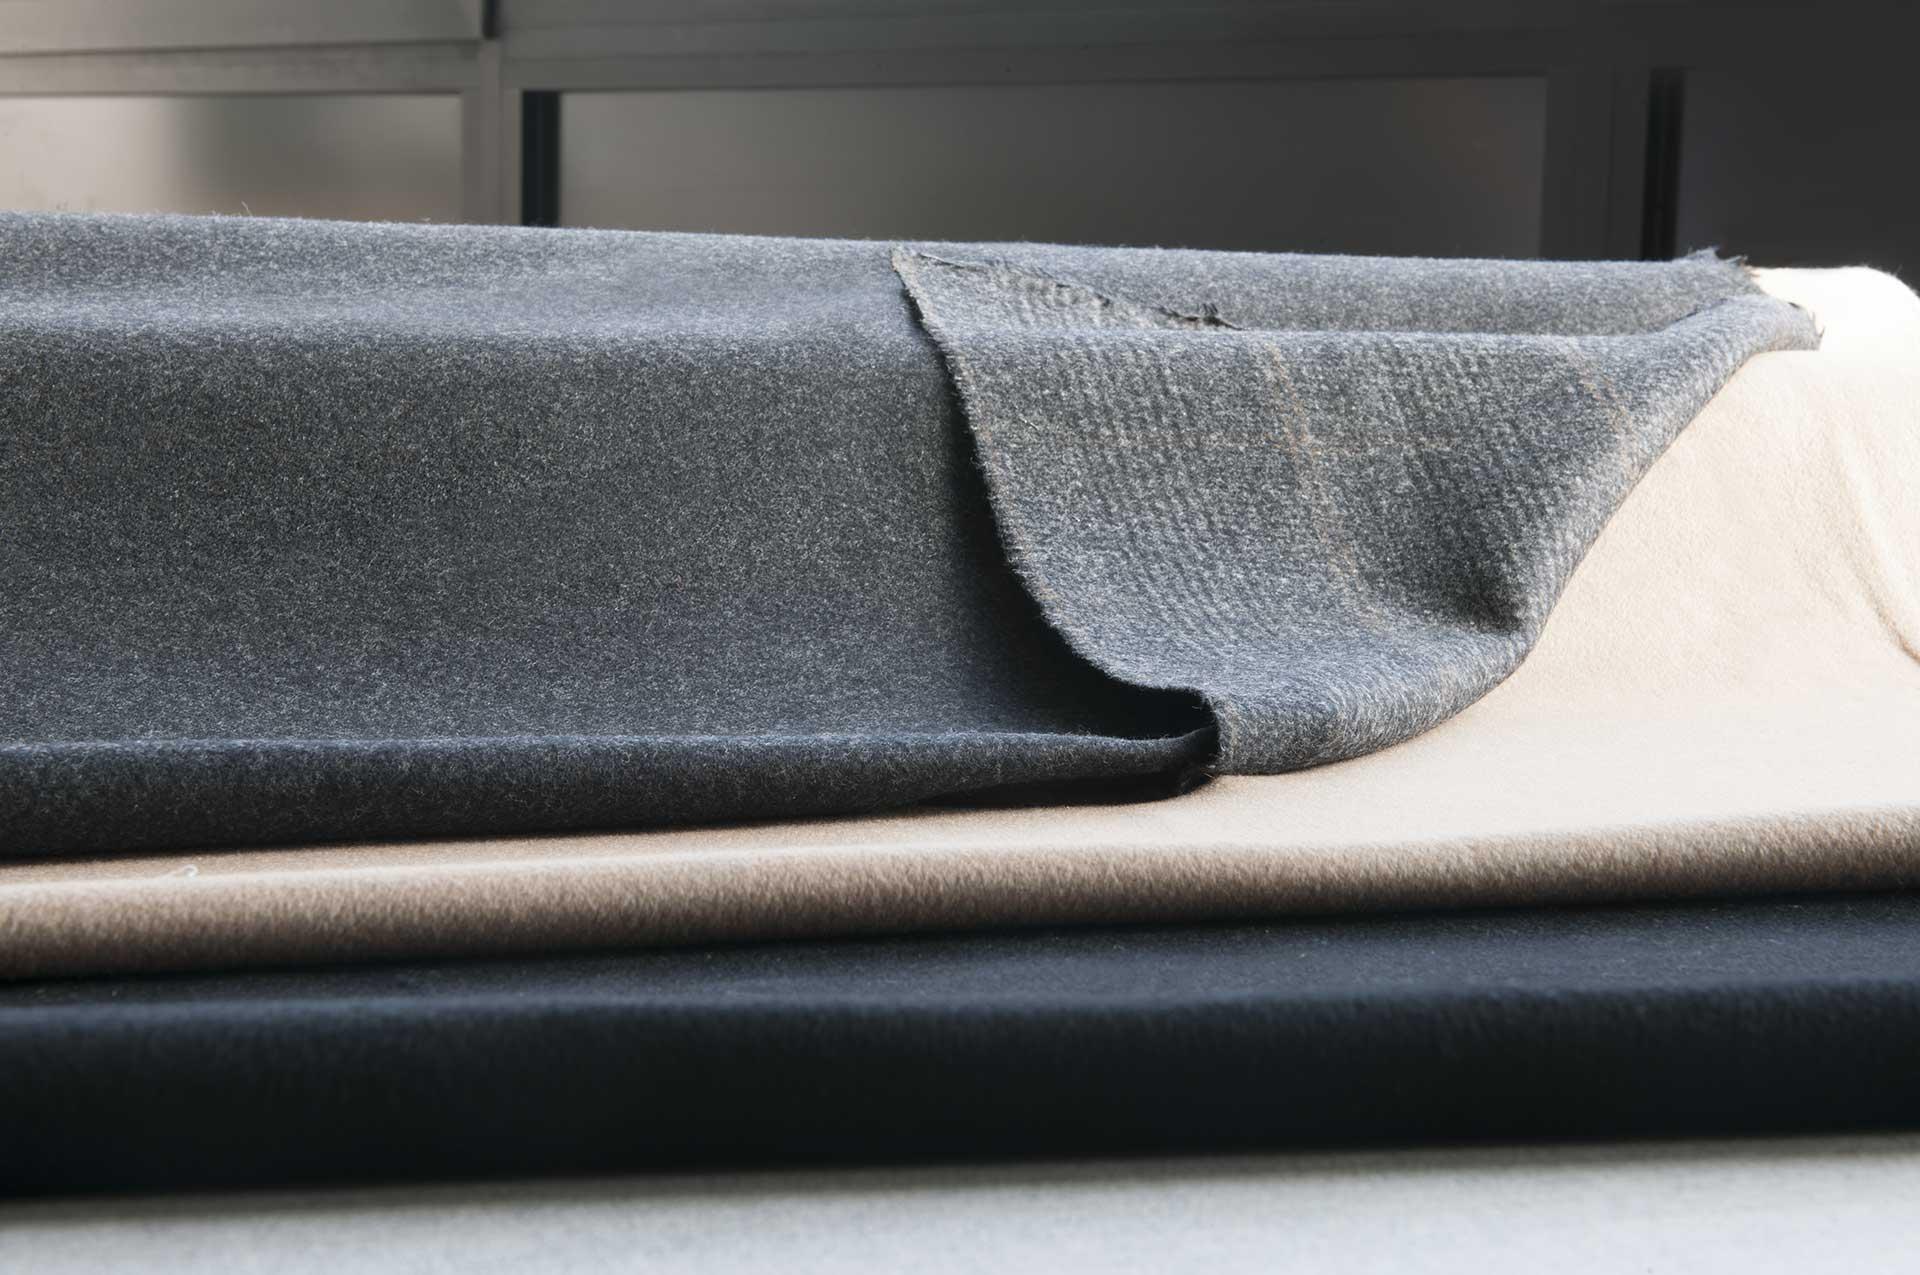 Crilù ingrosso tessuti dispone di una vasta gamma di tessuti di altissima qualità per uomo. Potrete acquistare all'ingrosso tessuti di pregio come: Pura lana - lana cashmere - lana seta - lana mohair - puro cashmere - cashmere double - cashmere seta - cashmere lino - cashmere cotone - cammello - guanaco - velluto - cotone - lino - seta. Fodera viscosa e cupro unita e jacquard.